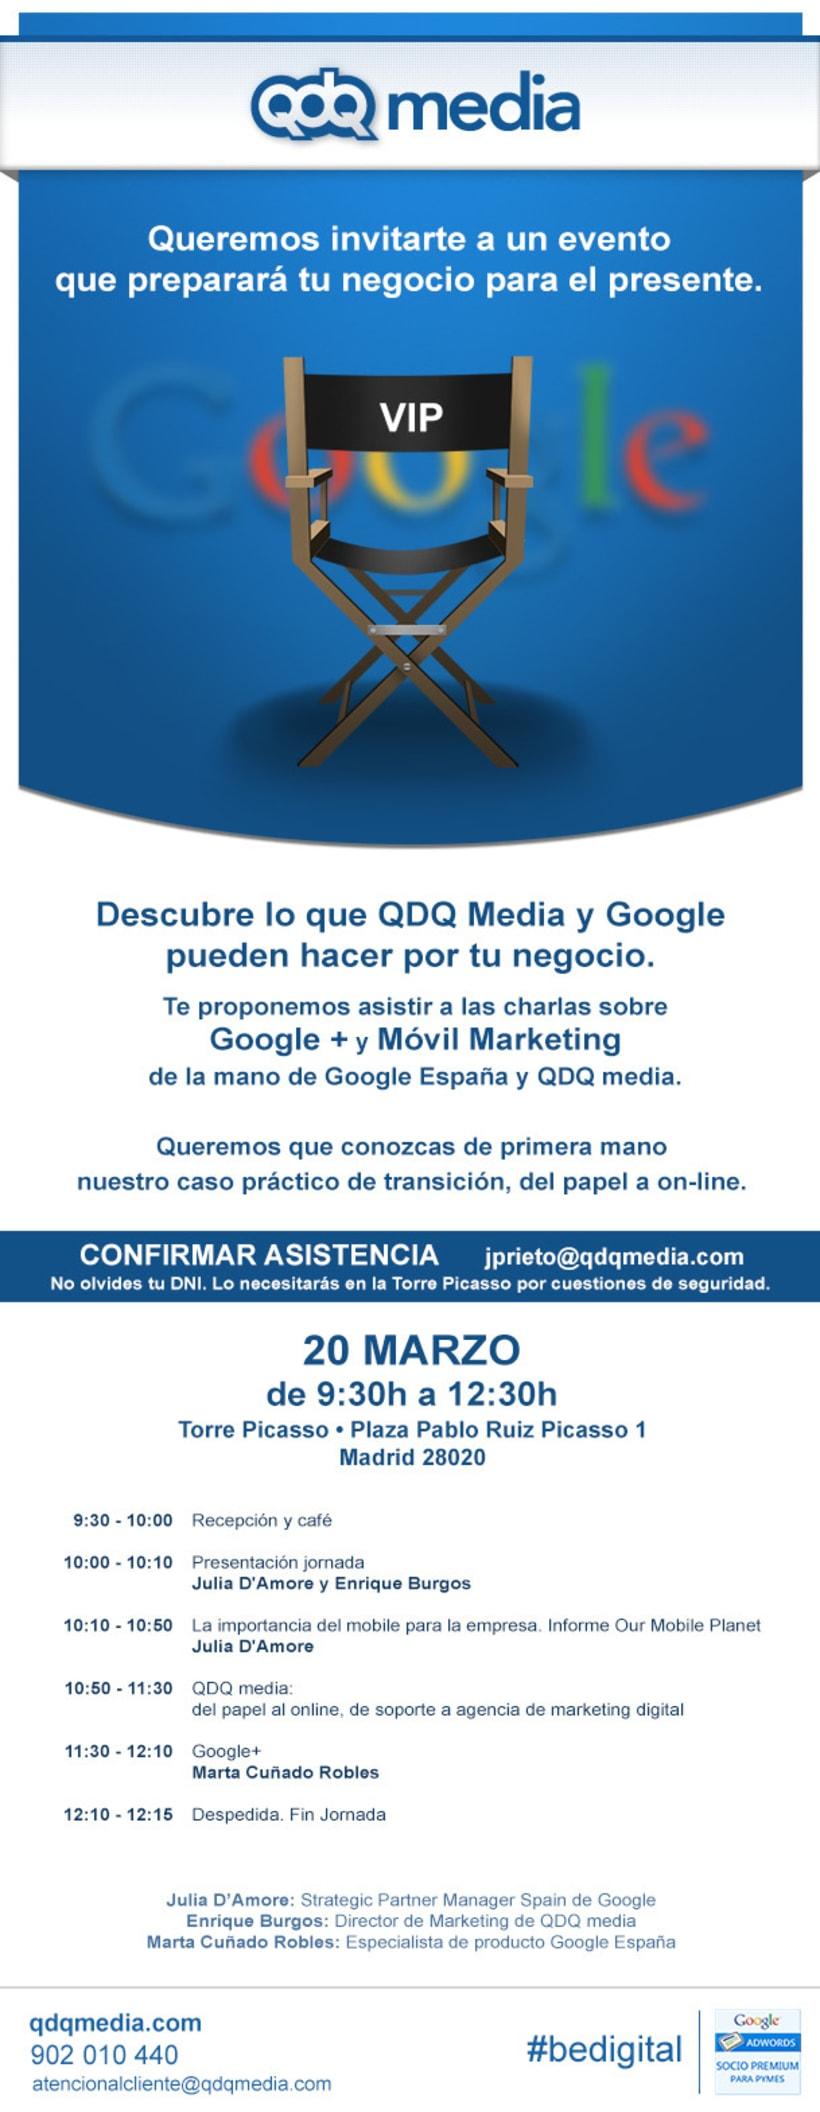 Campañas Emailing QDQmedia 1